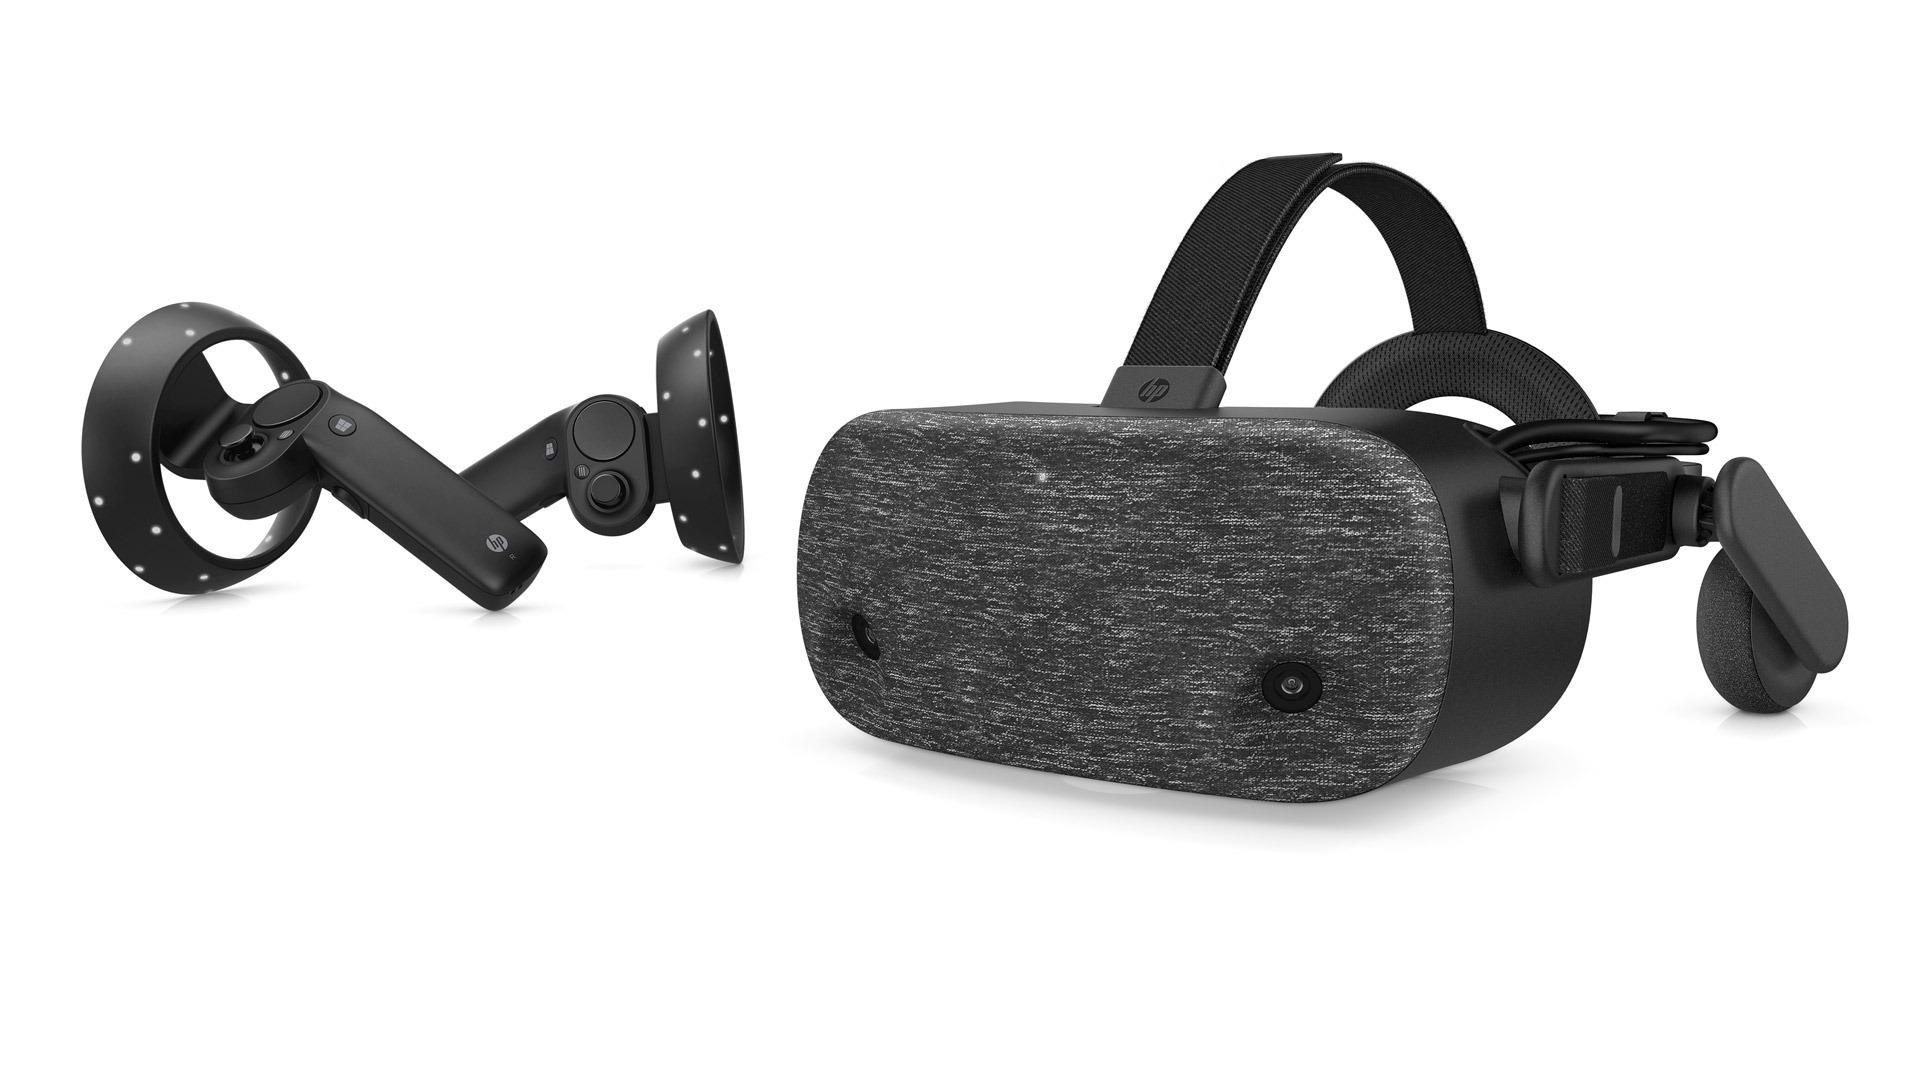 Érkezik a HP cégeknek szánt VR szemüvege, a Reverb